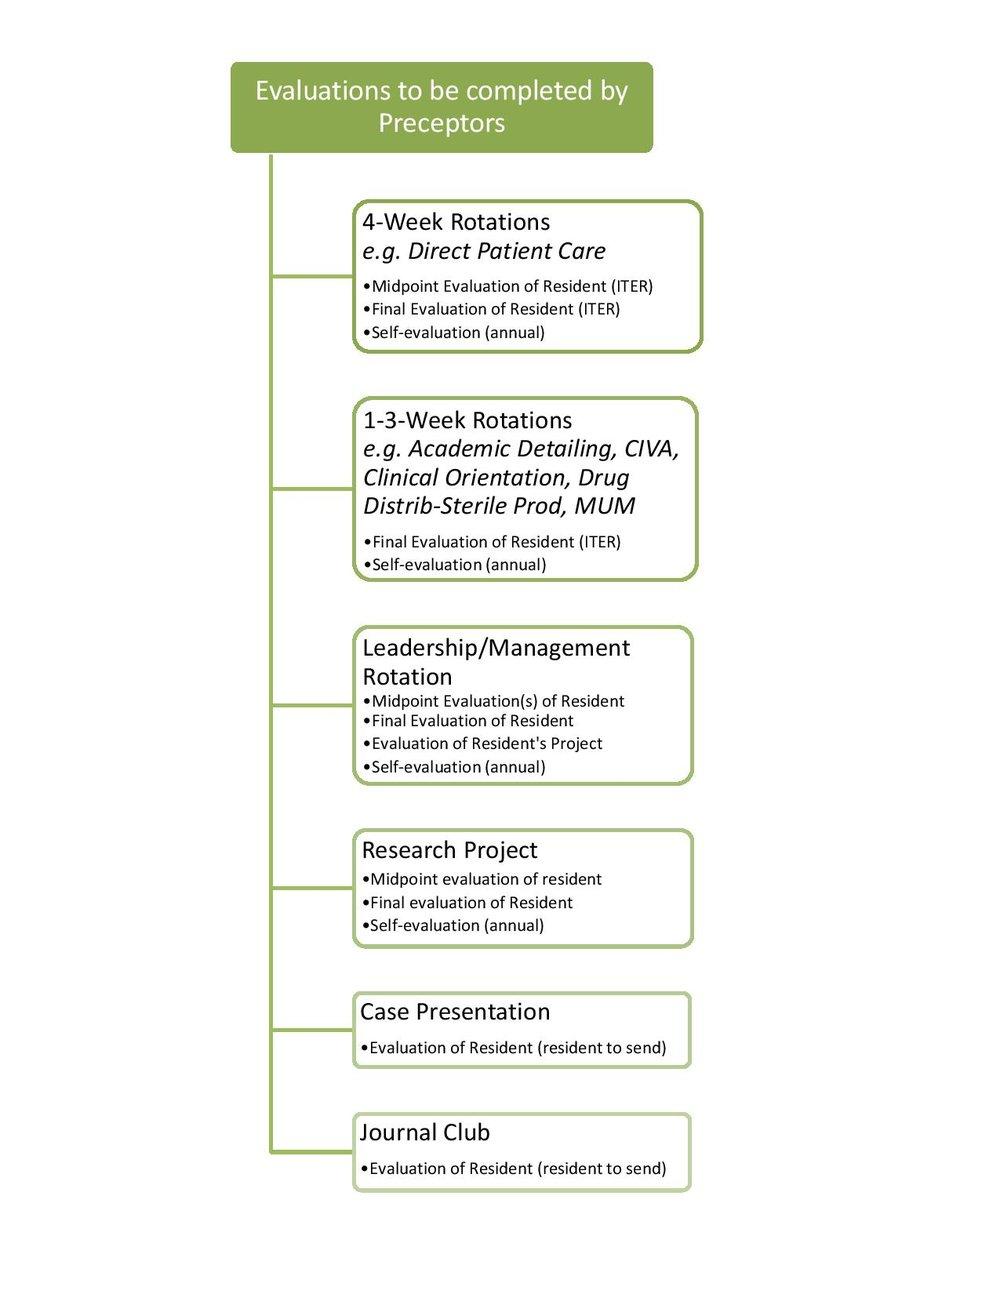 Evaluation - Preceptors.jpg